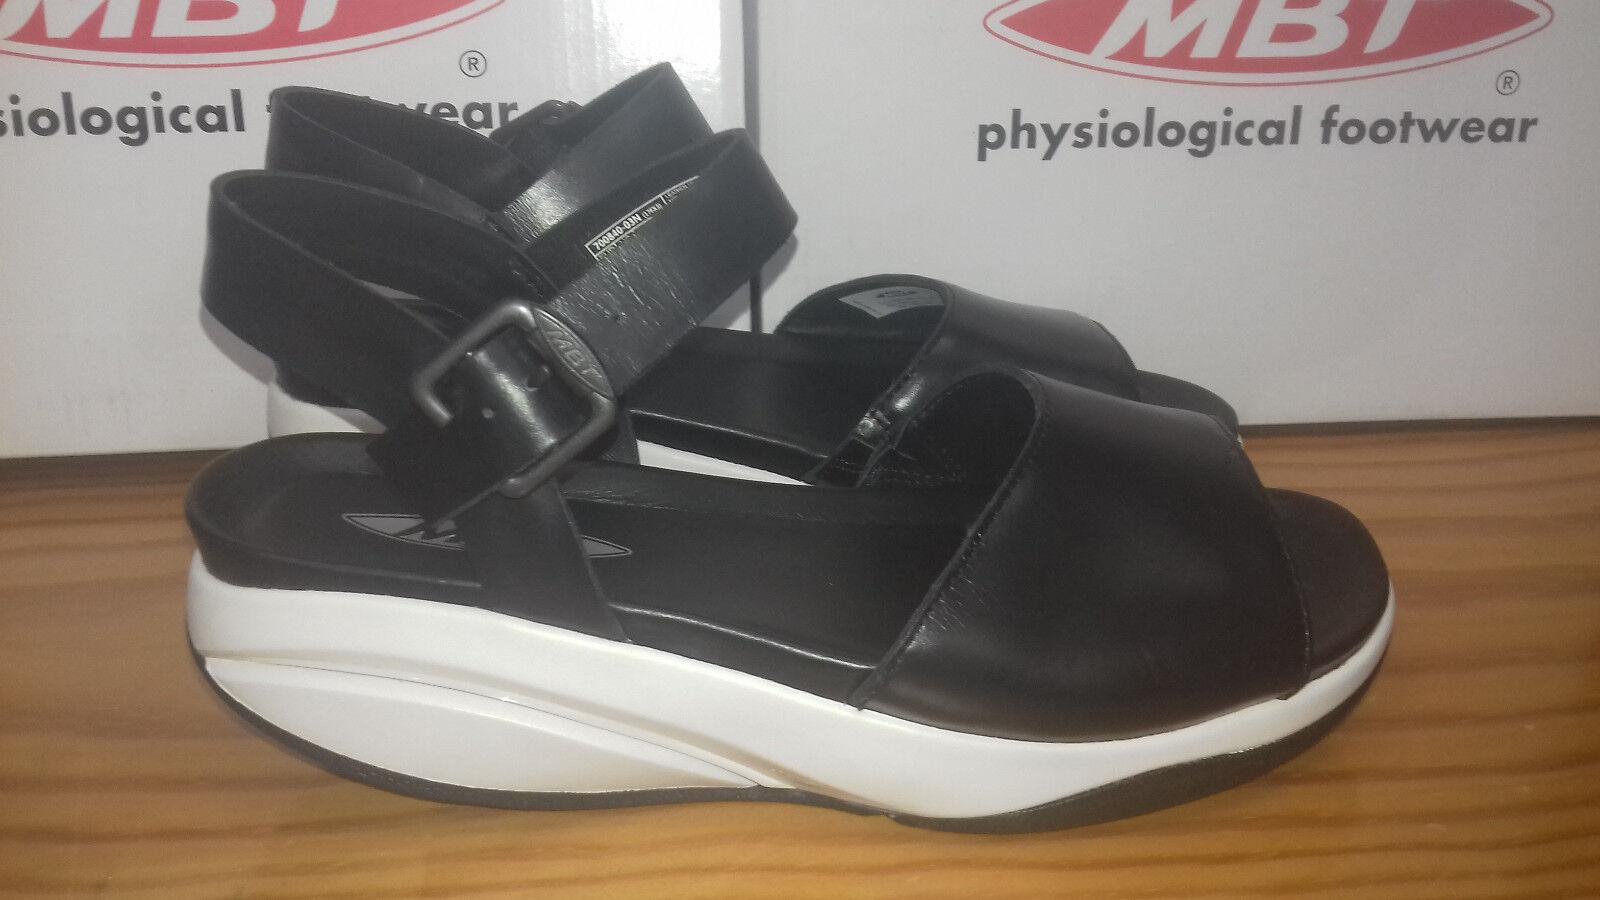 Mbt women sandals kizzy w black sandaler skor mbt sandalette sko masai sandal